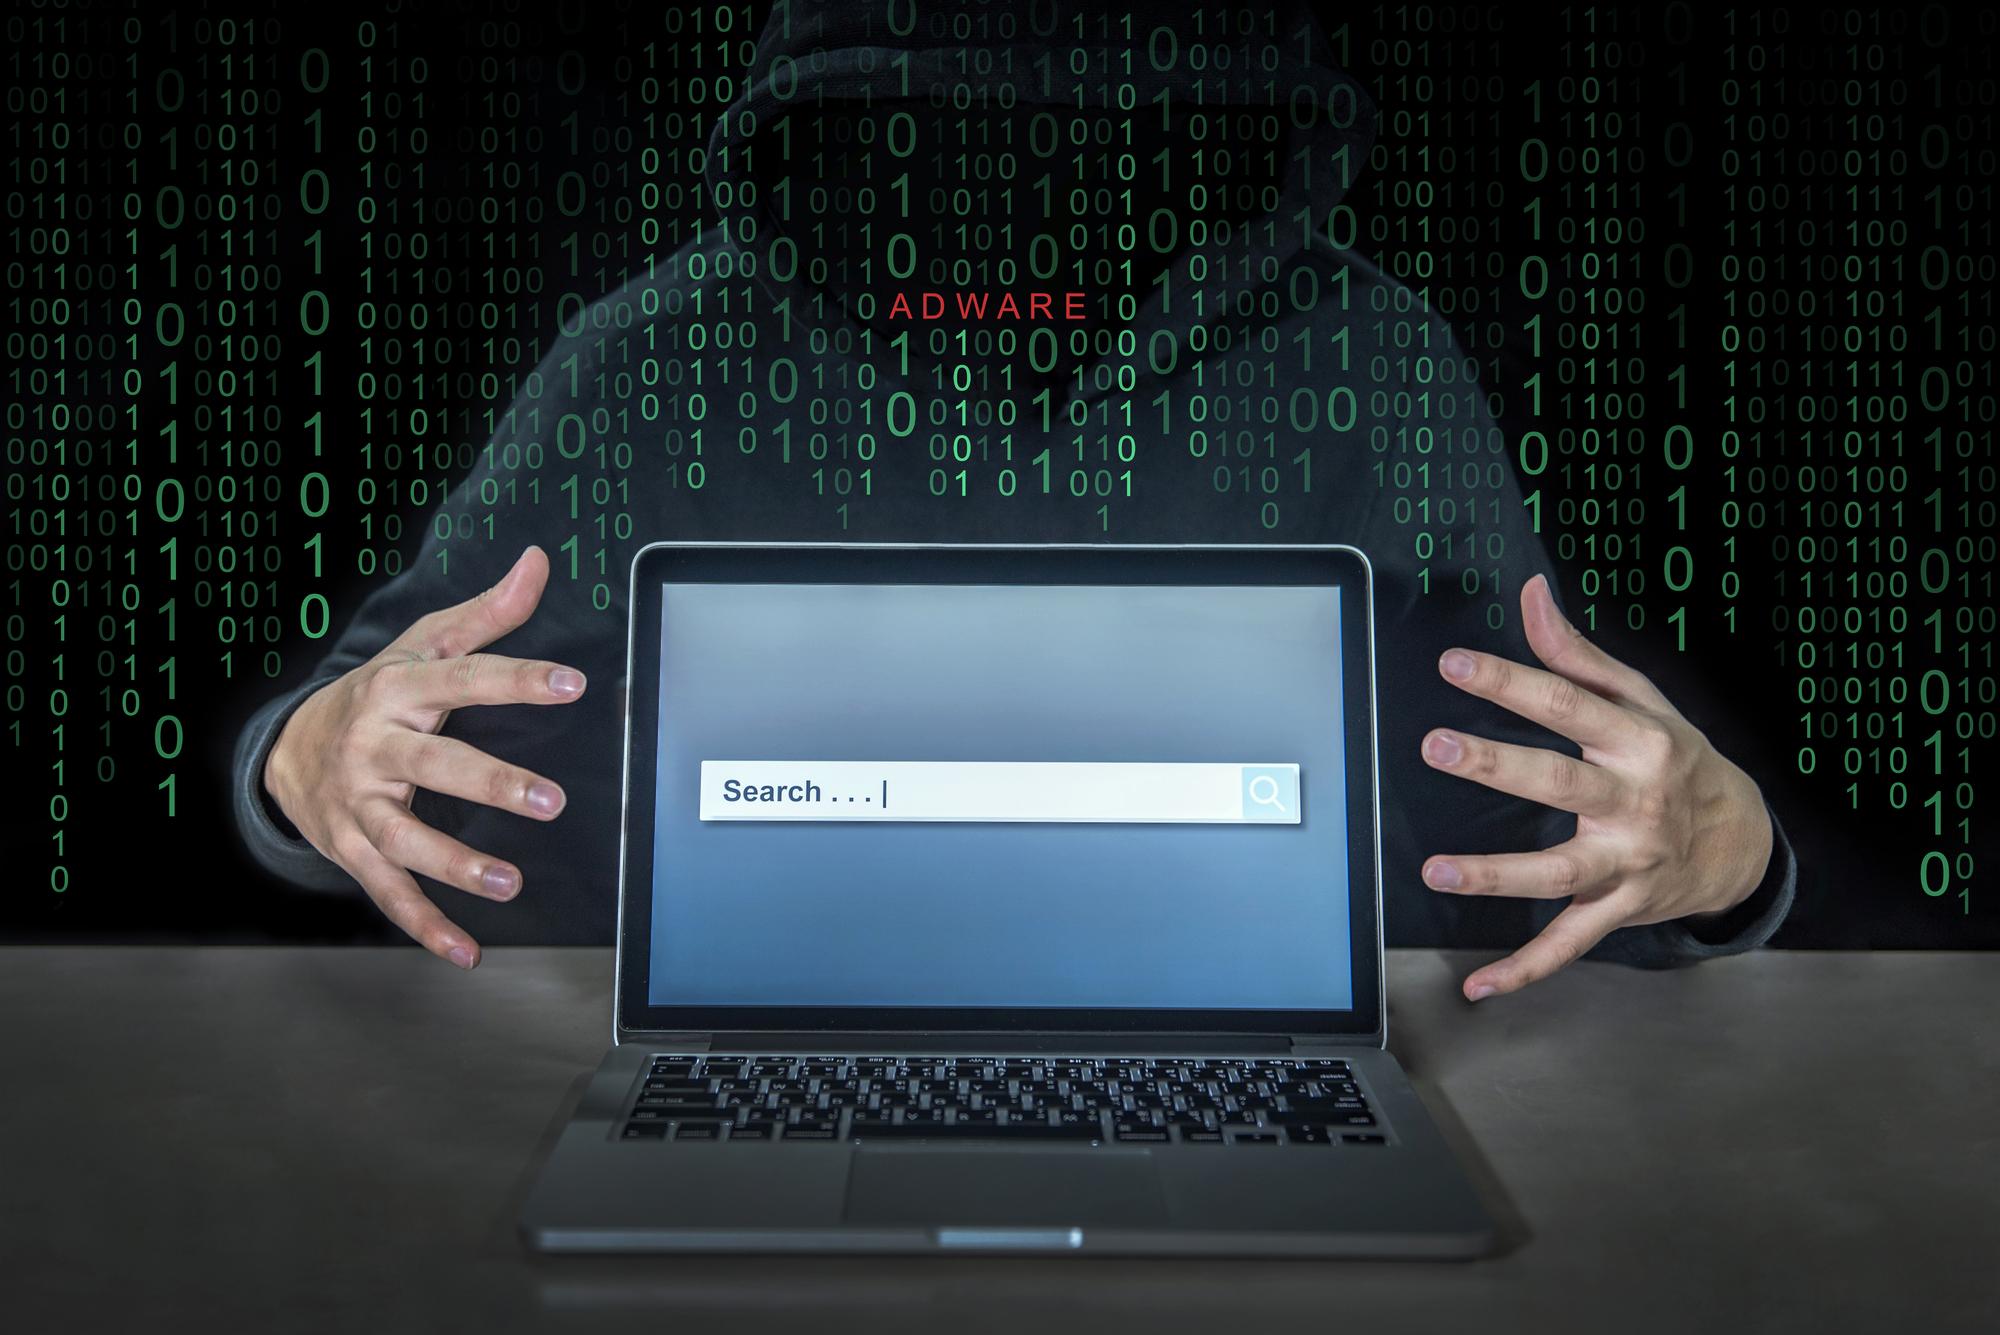 Macのウイルス感染経路とは?ウイルスの種類やセキュリティ対策8選を紹介!のアイキャッチイメージ